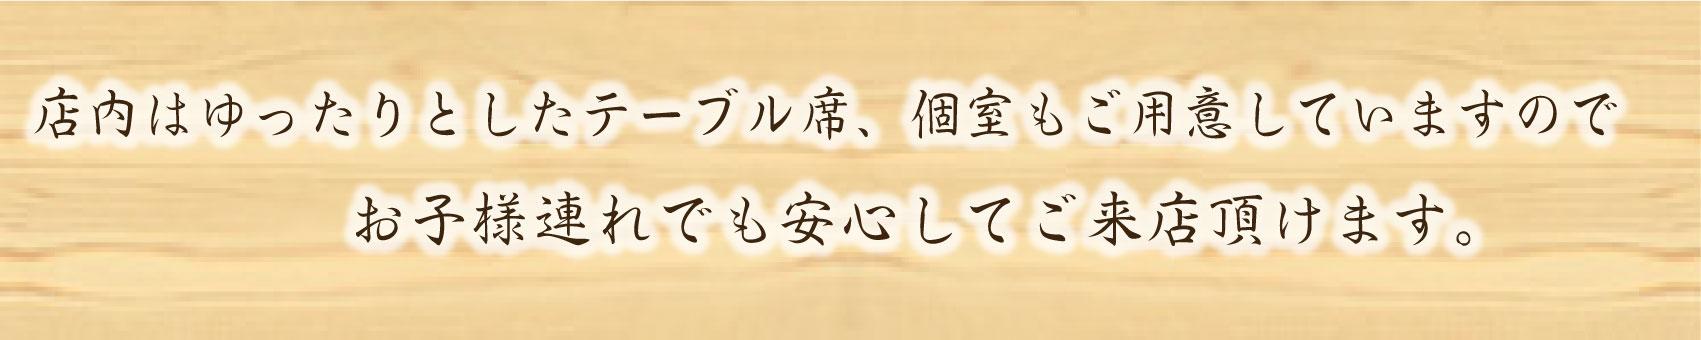 Maison de Naru 〒286-0137 千葉県成田市御所の内17-6